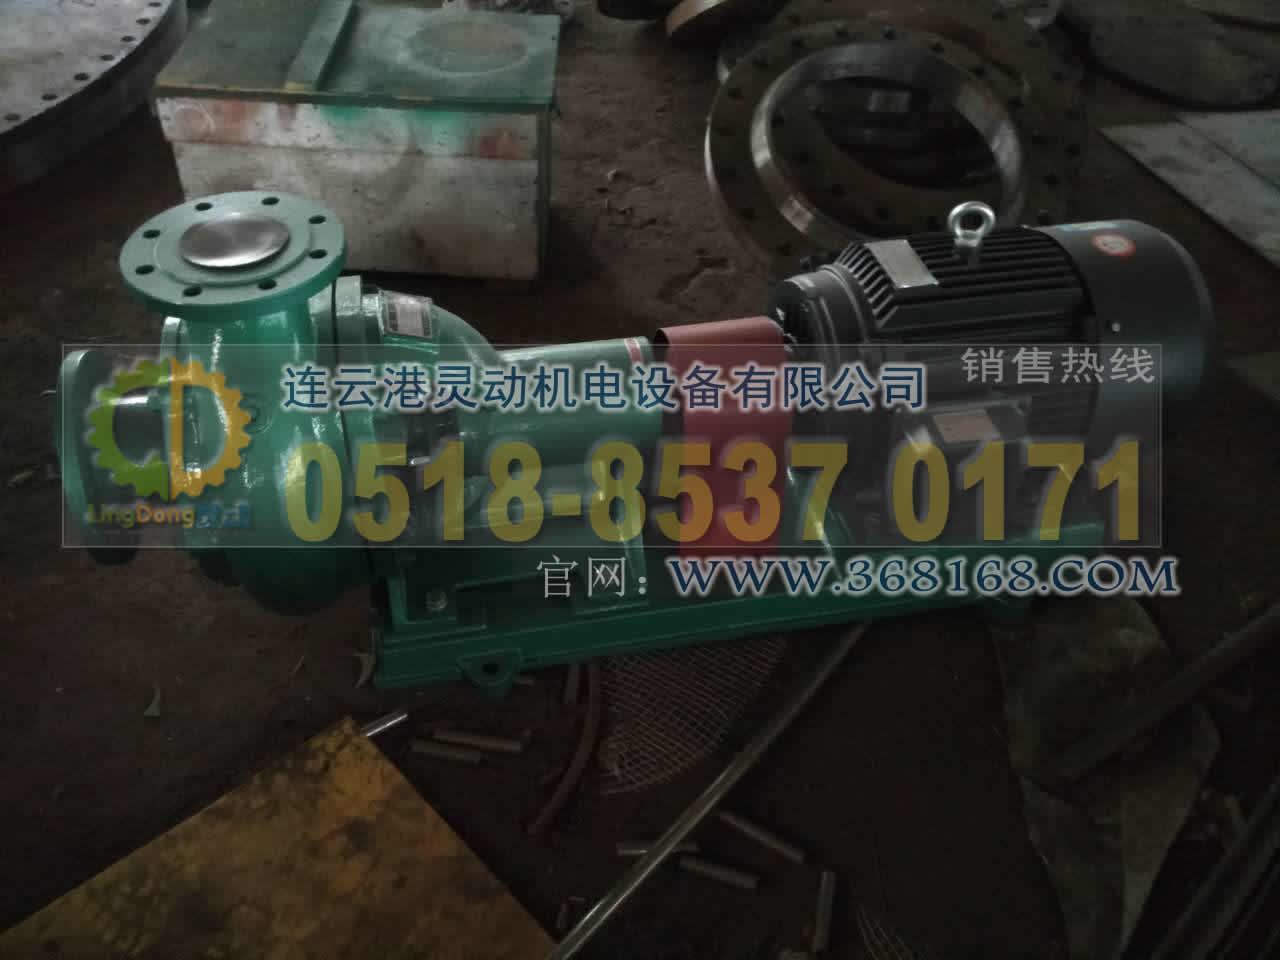 凝汽器胶球清洗装置胶球泵生产厂家